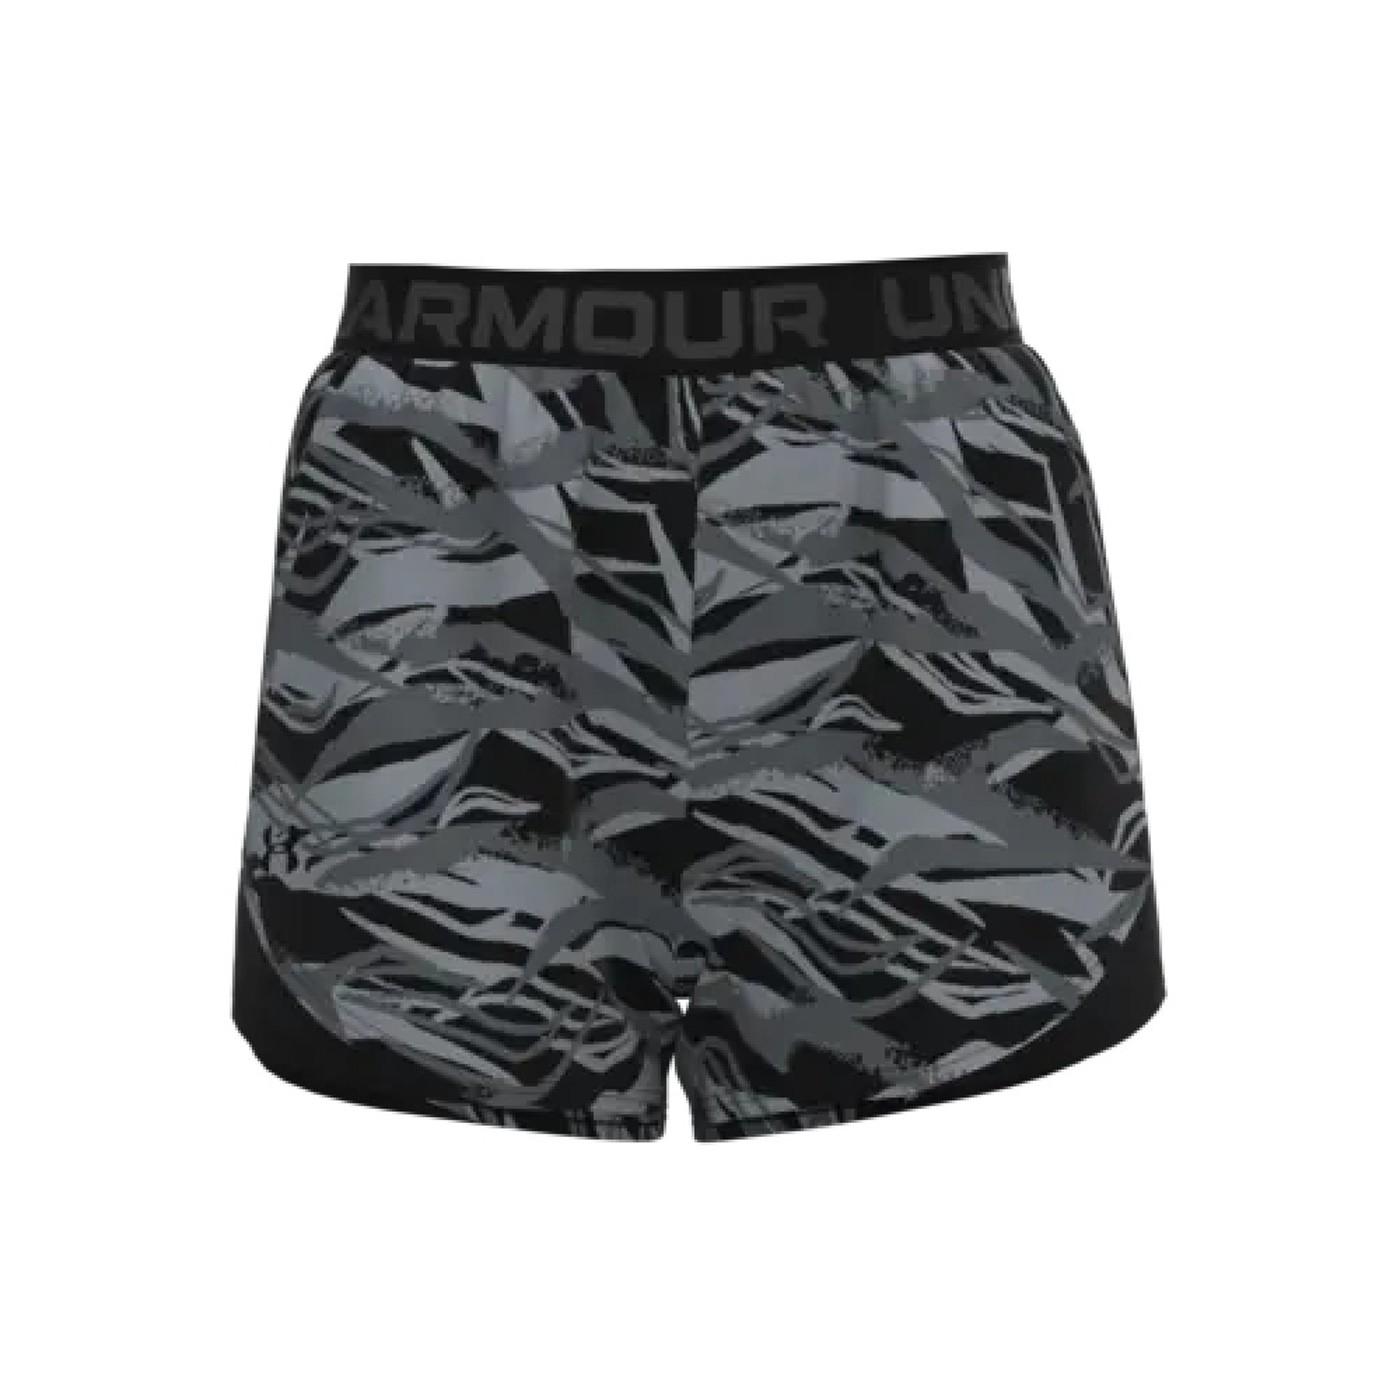 UNDER ARMOUR Play Up Shorts Emboss 3.0 - Damen